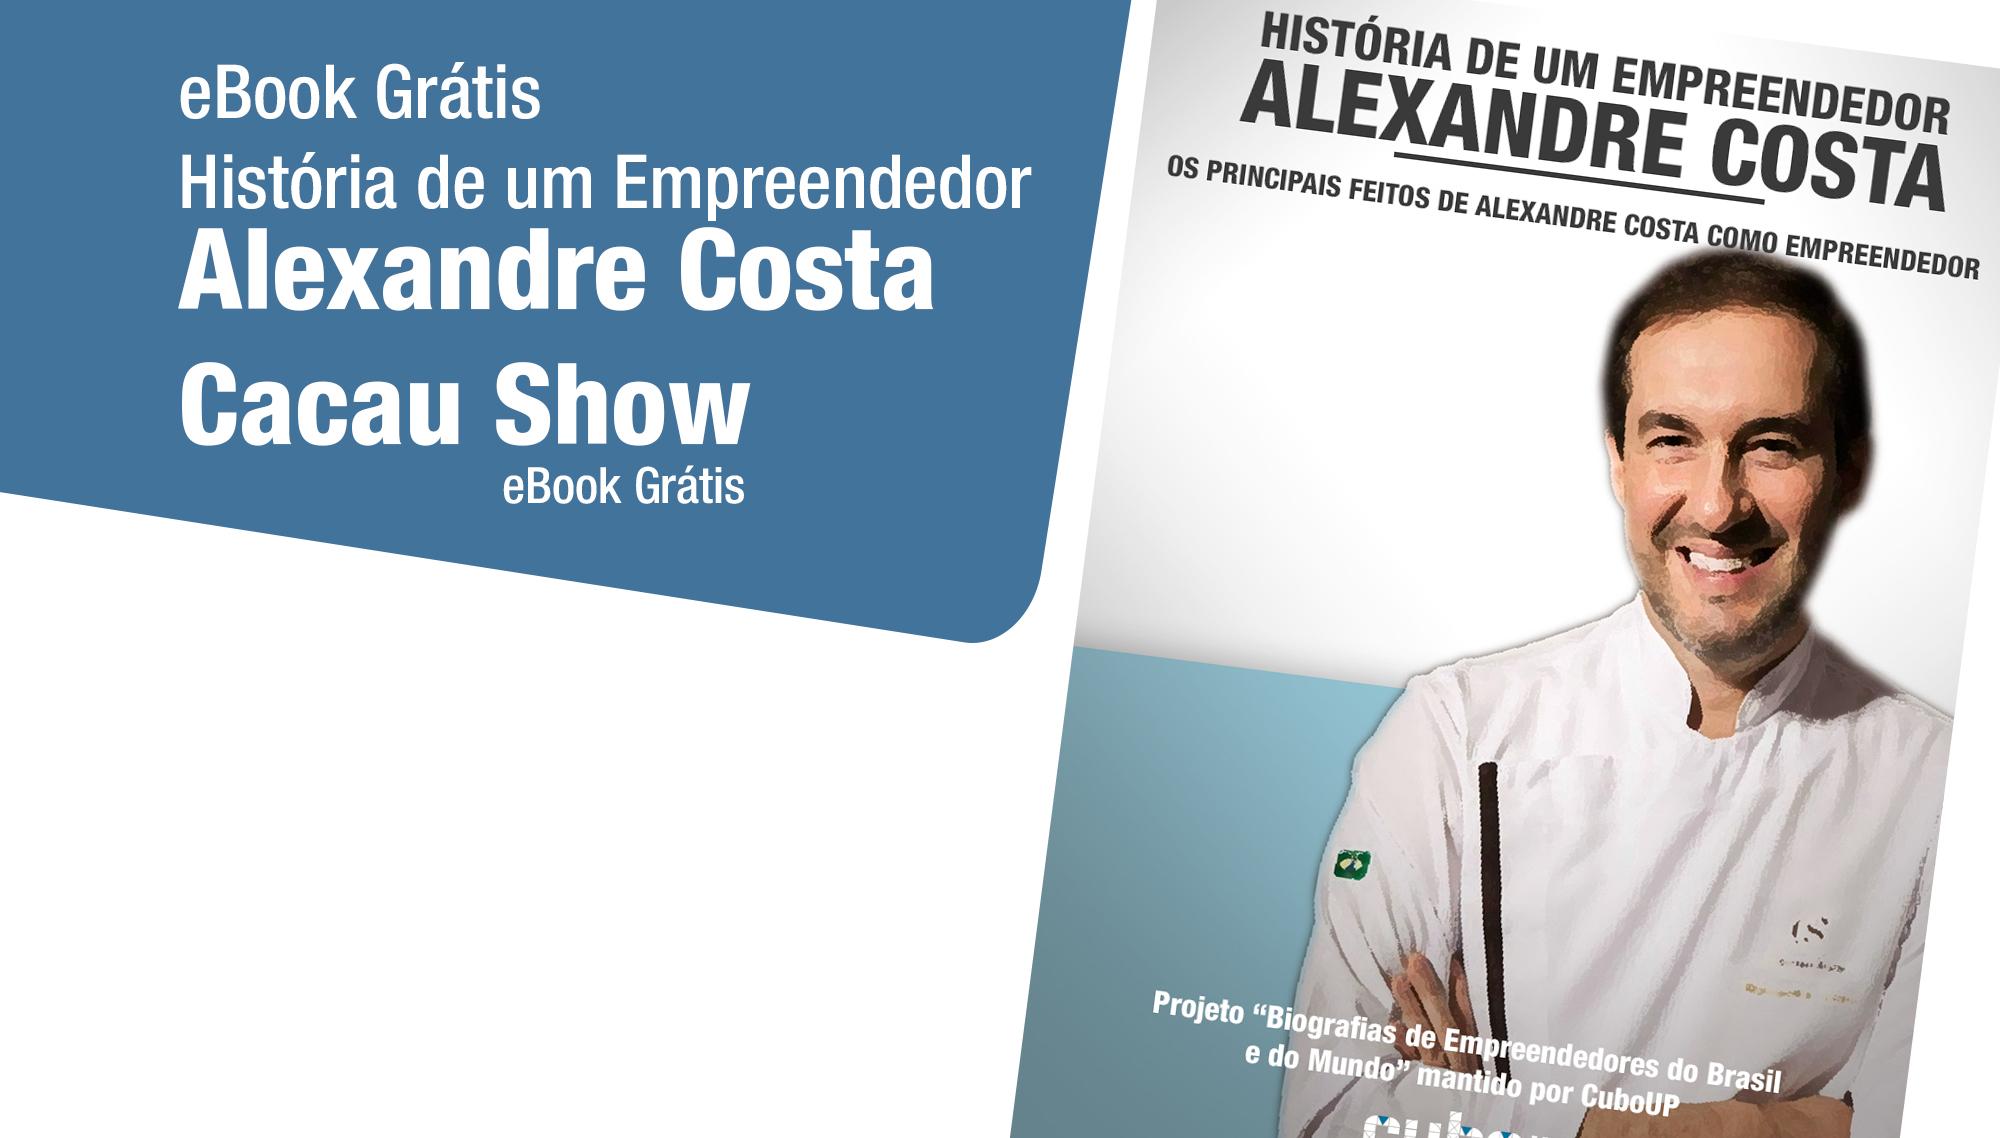 História de um Empreendedor - Alexandre Costa